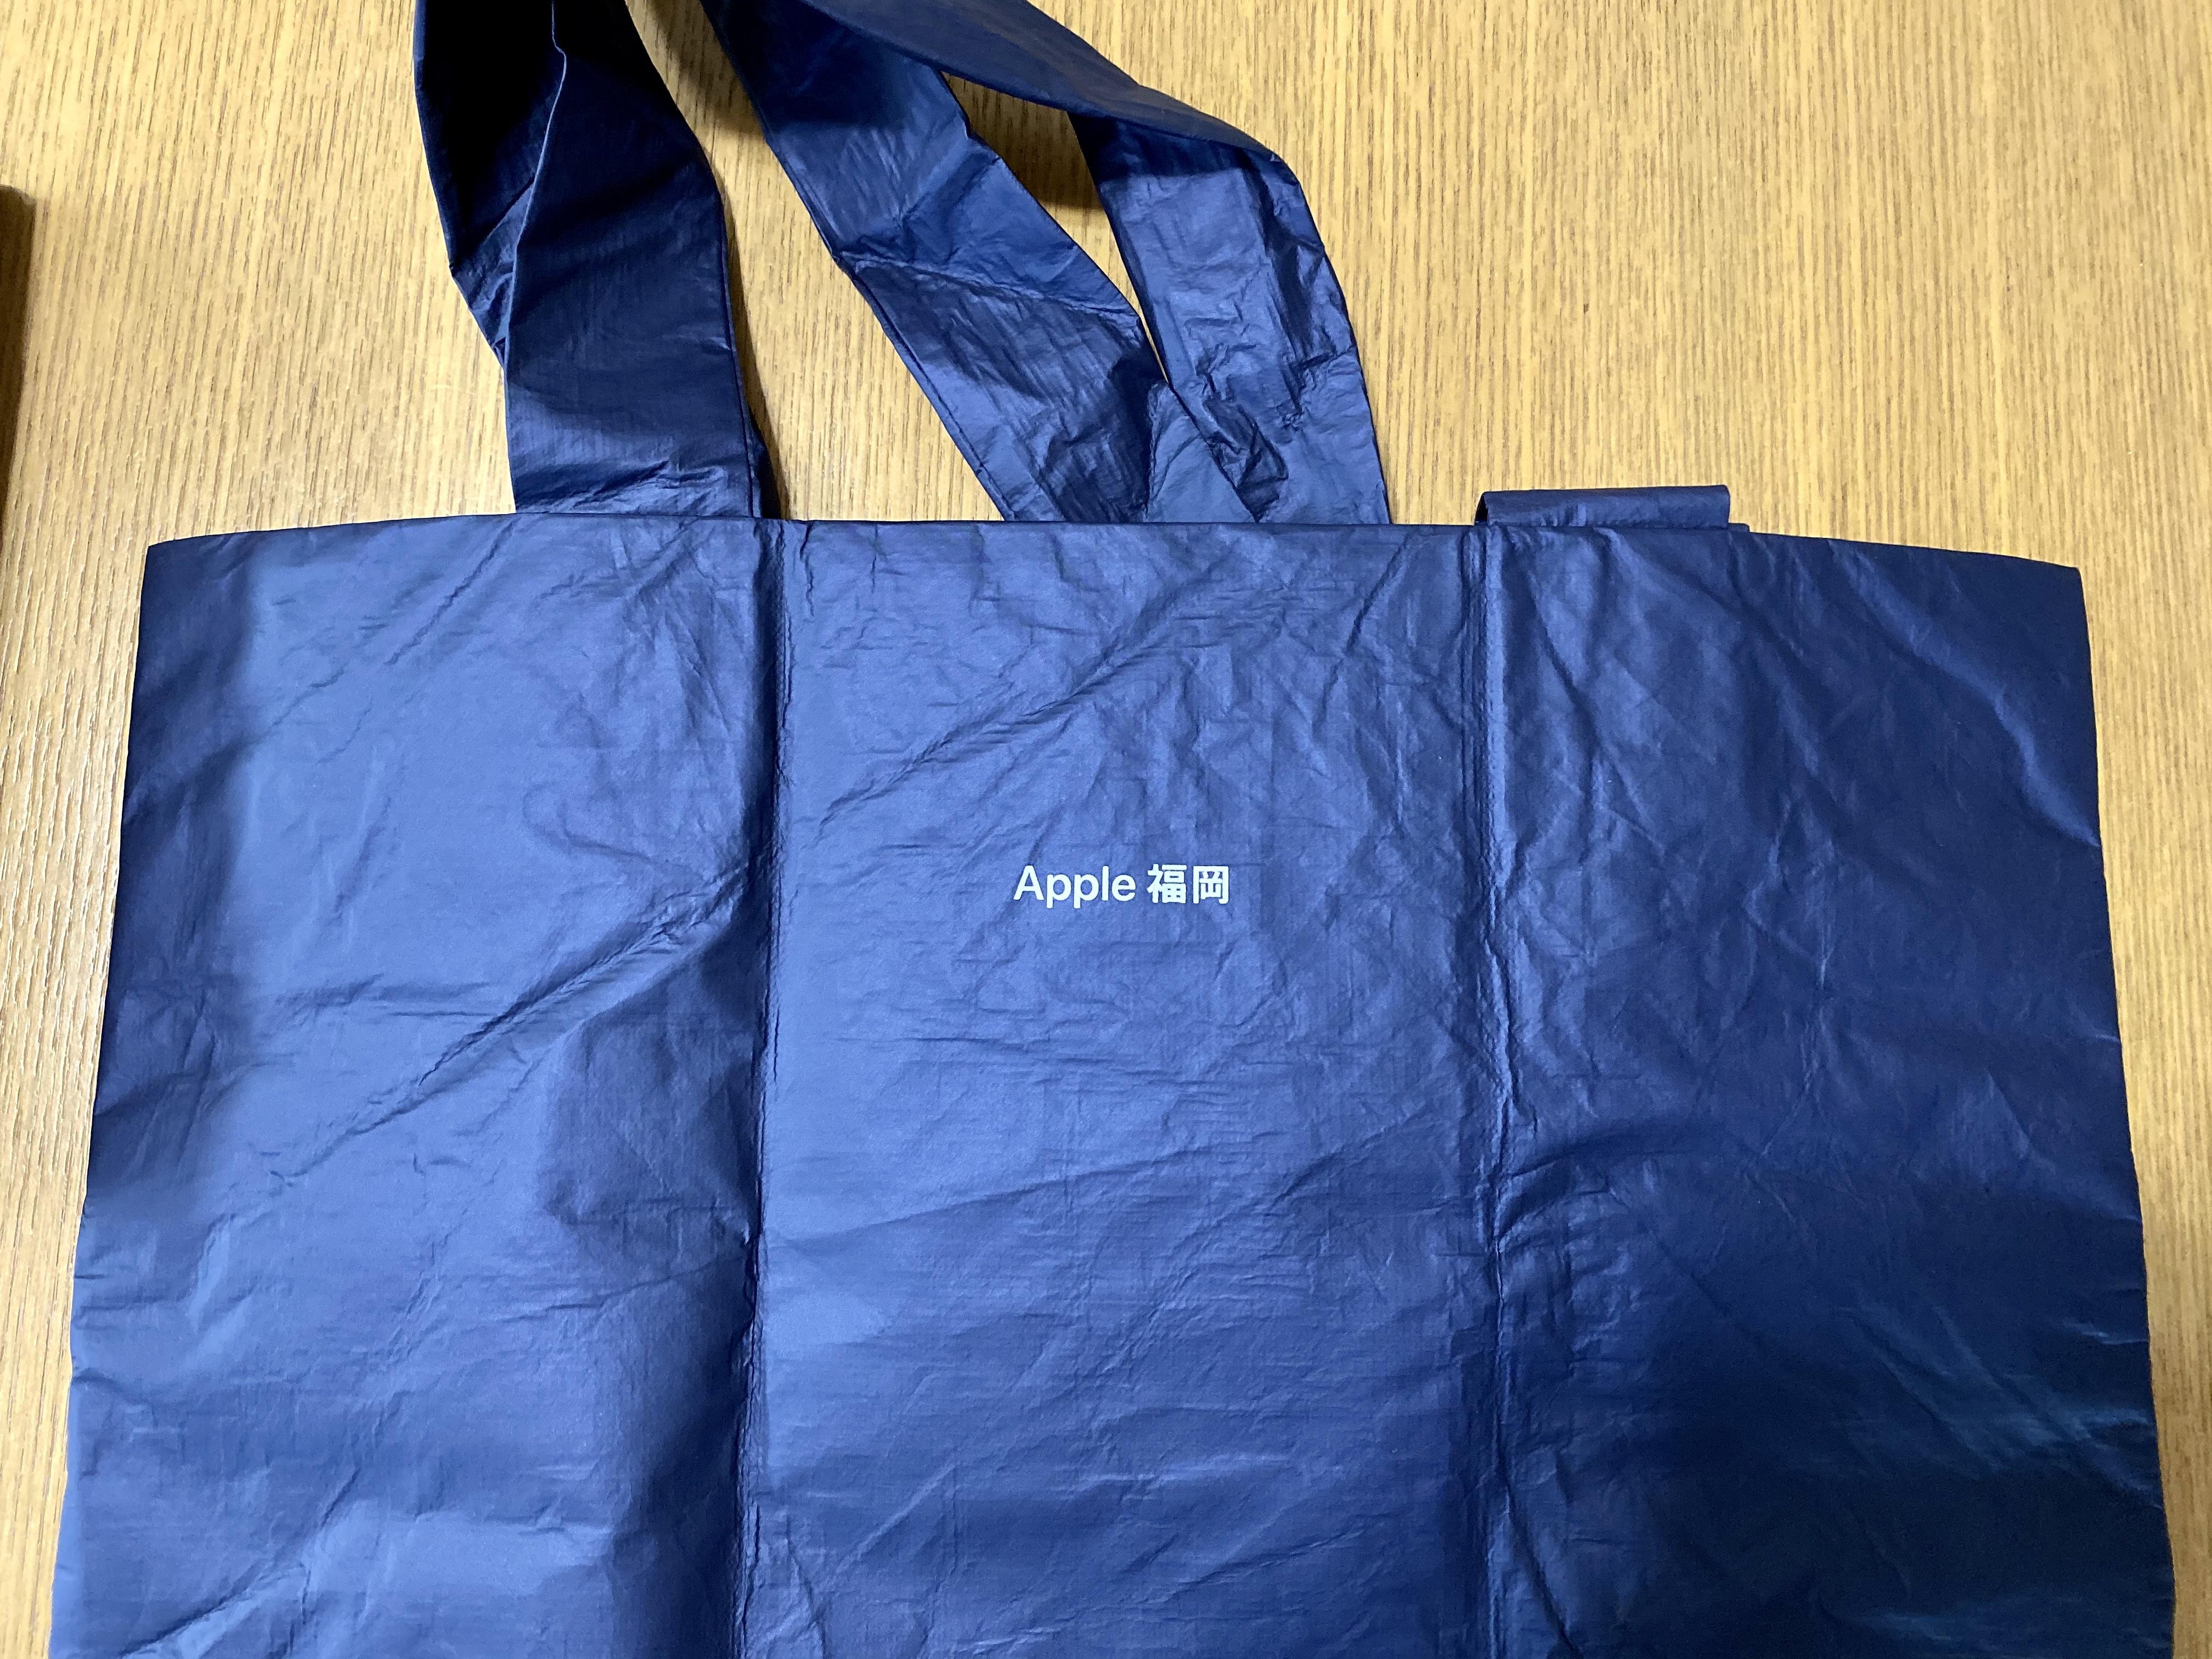 トートバッグの裏側には「Apple福岡」と表記されている